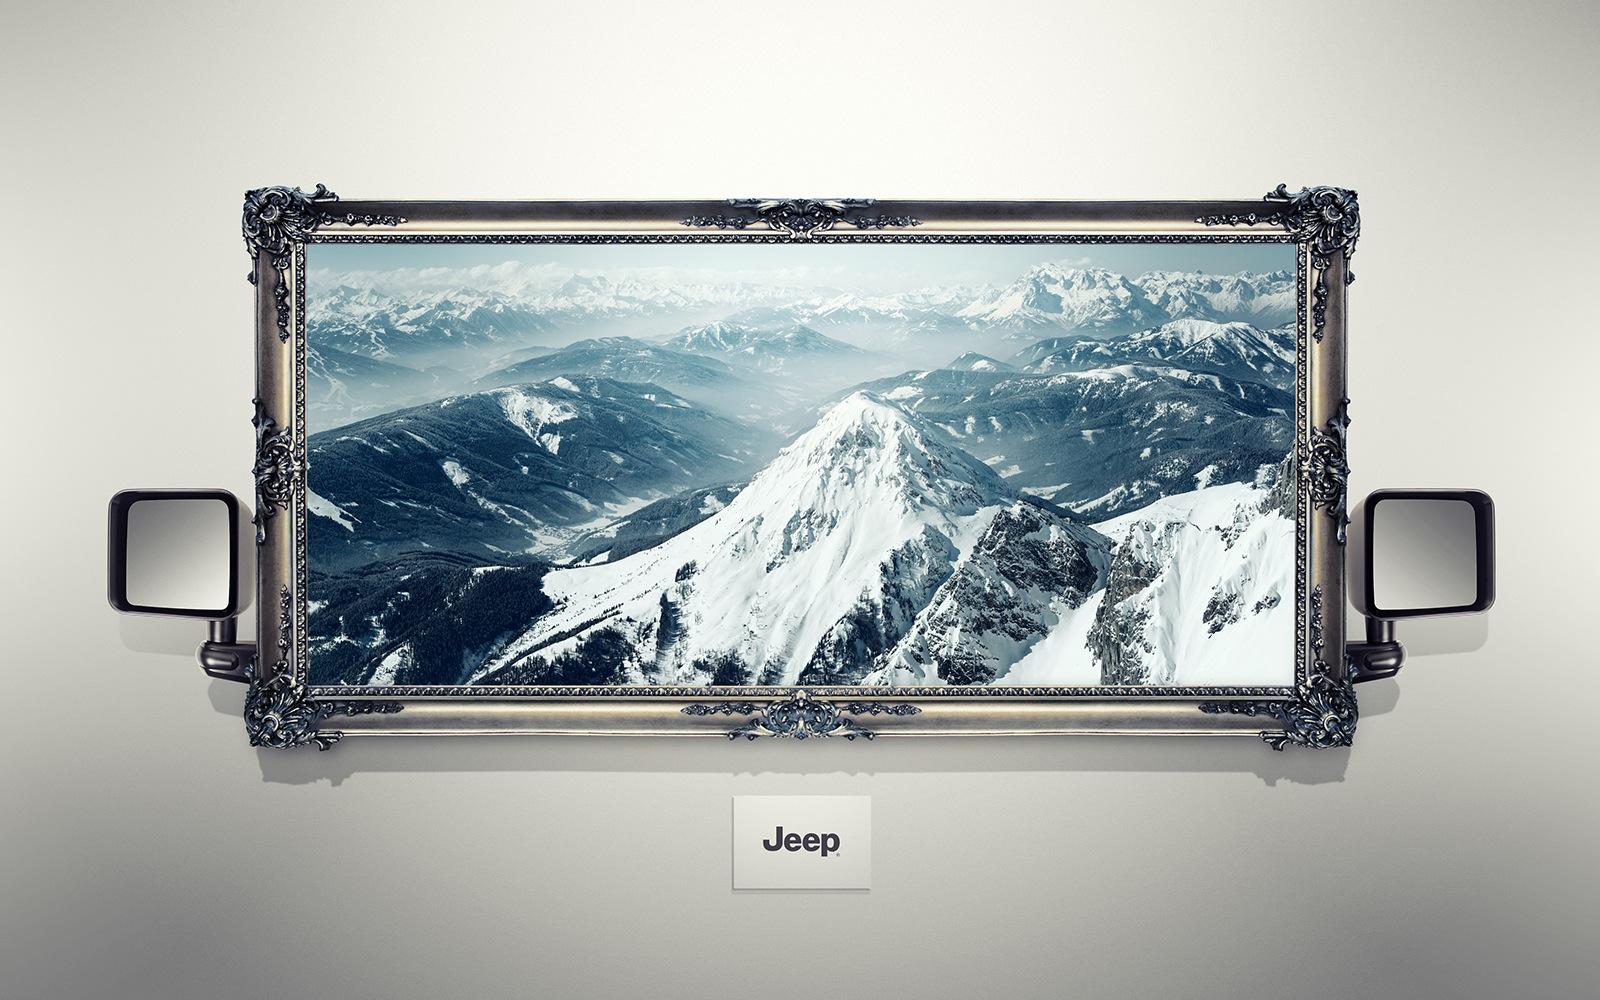 ジープ:山脈